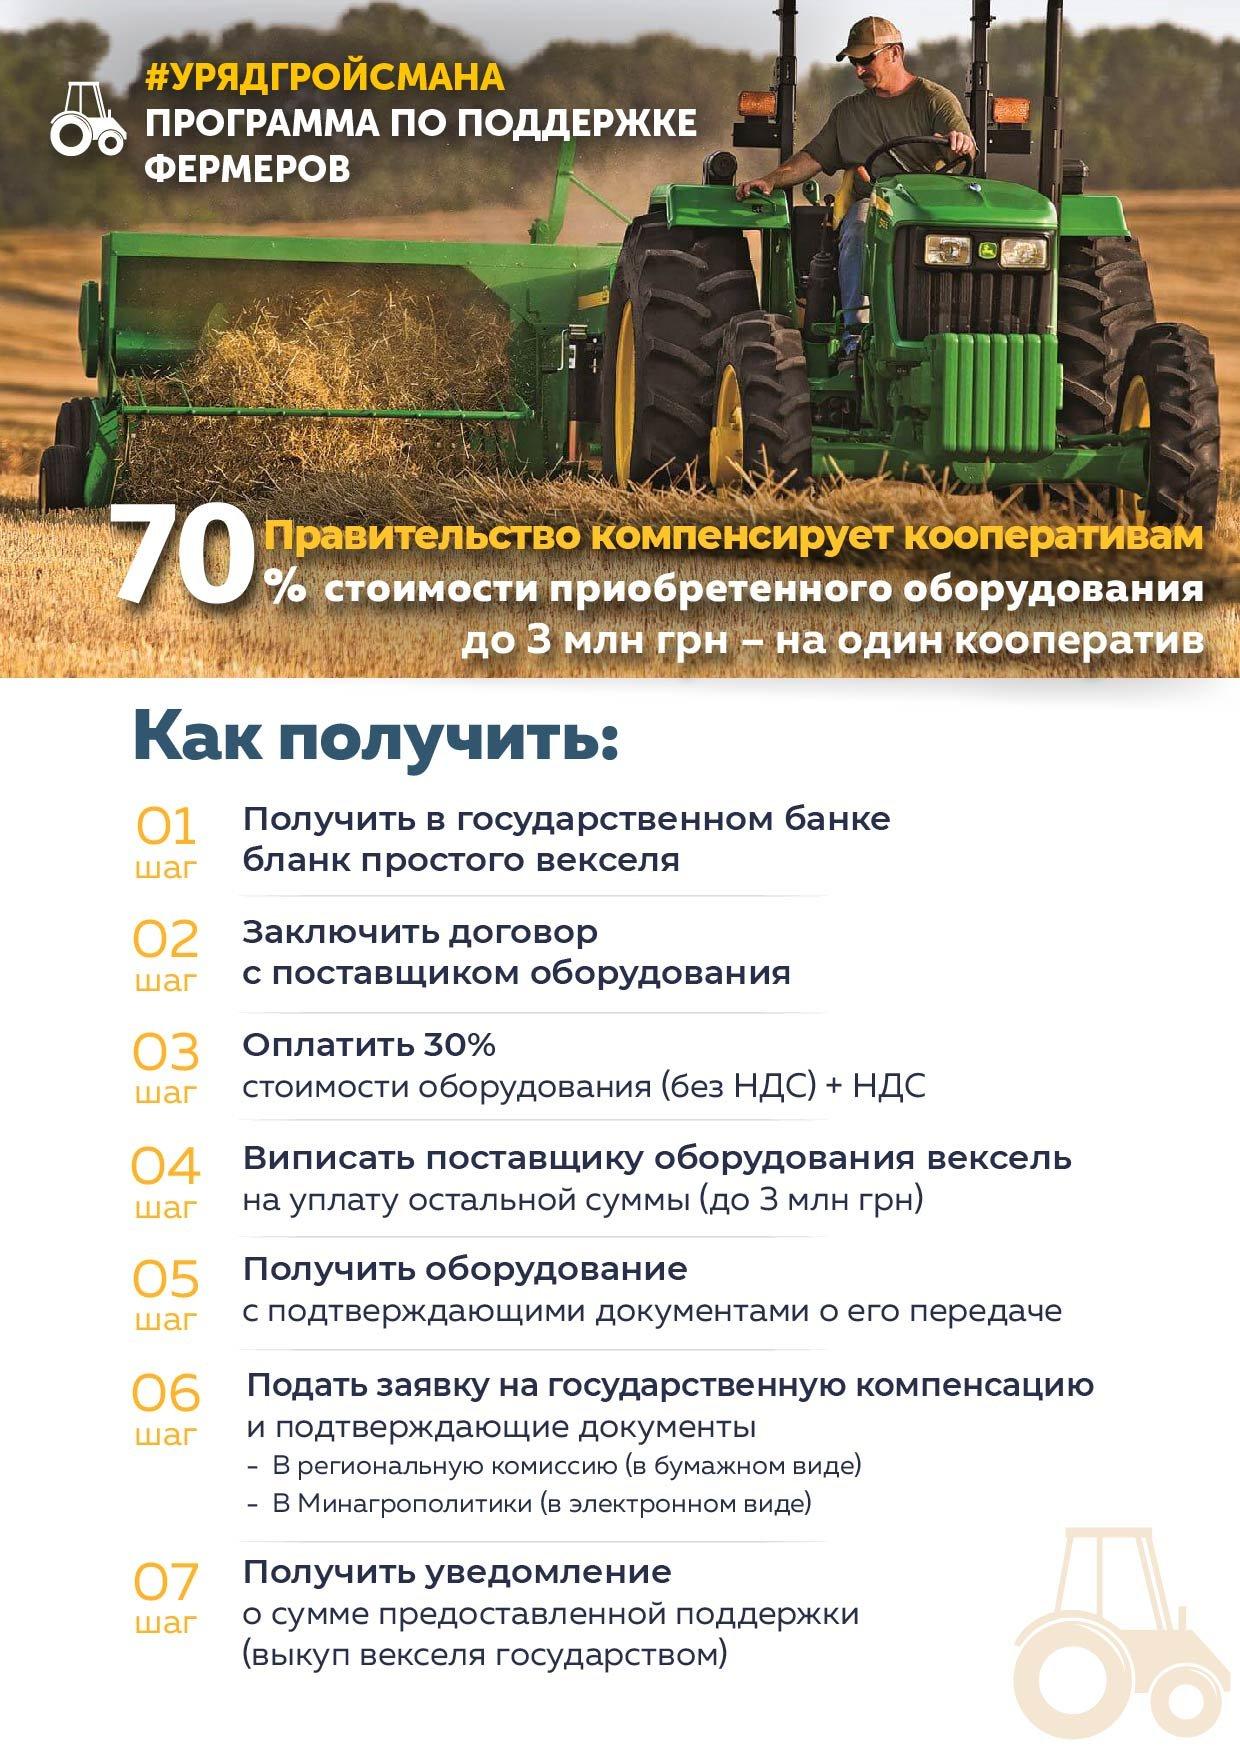 Какую правительственною помощь можно получить на селе для развития хозяйства? , фото-5